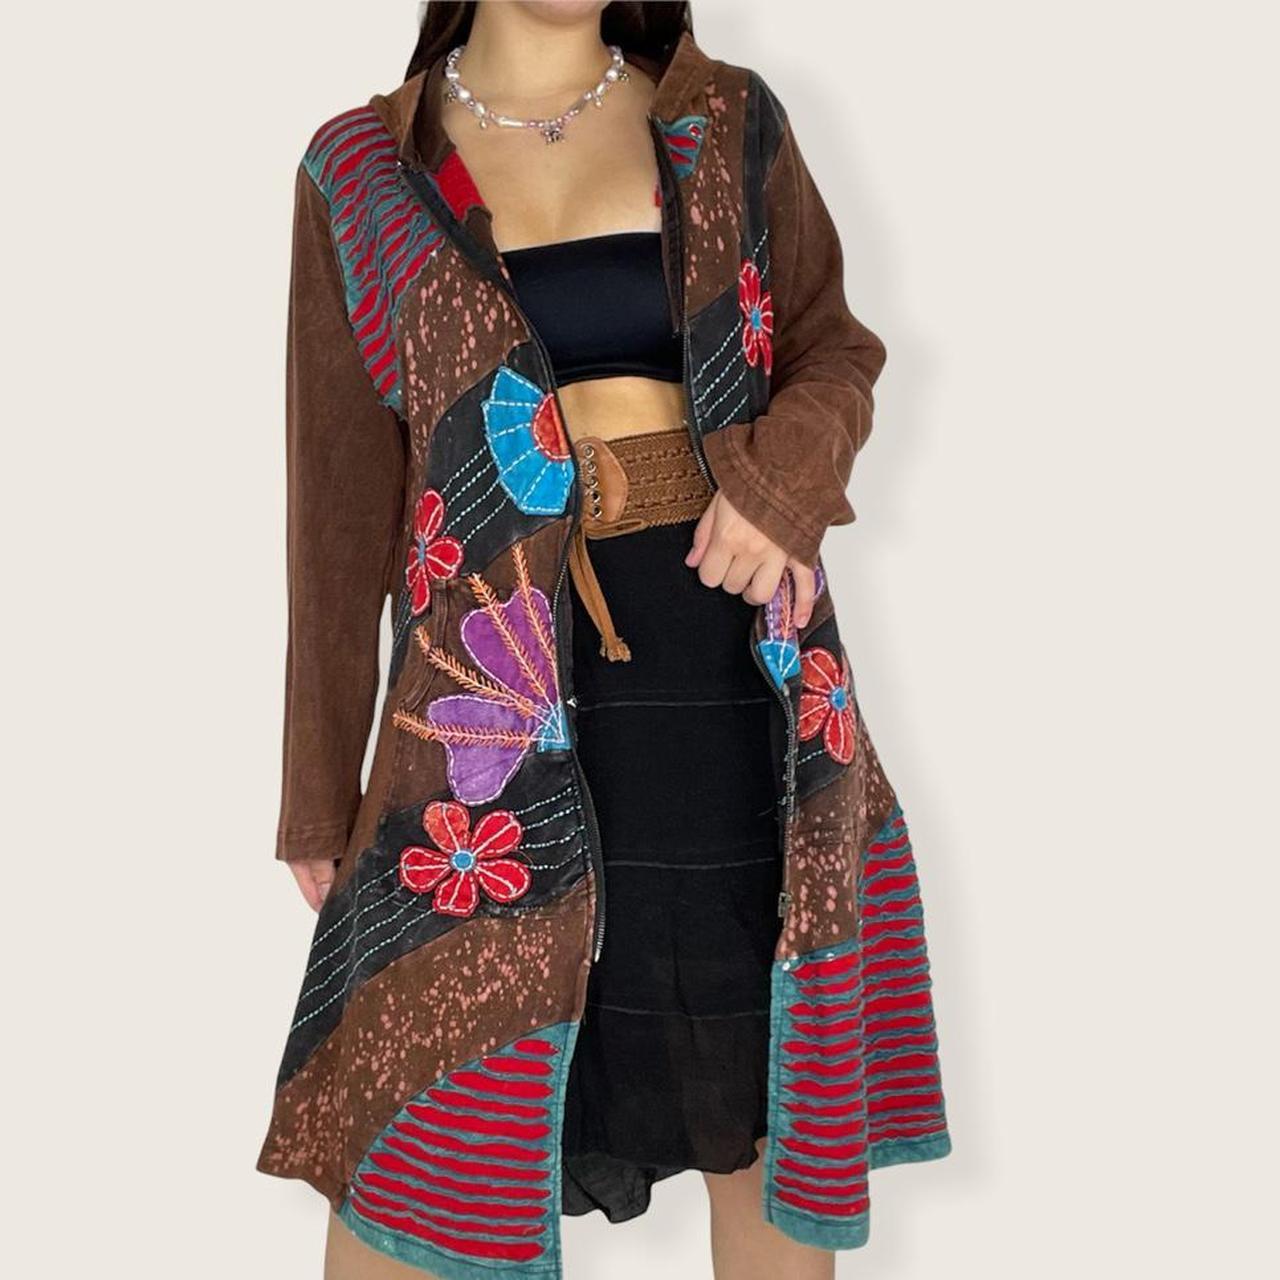 Product Image 1 - Fairycore jacket 🍃  Boho patchwork jacket